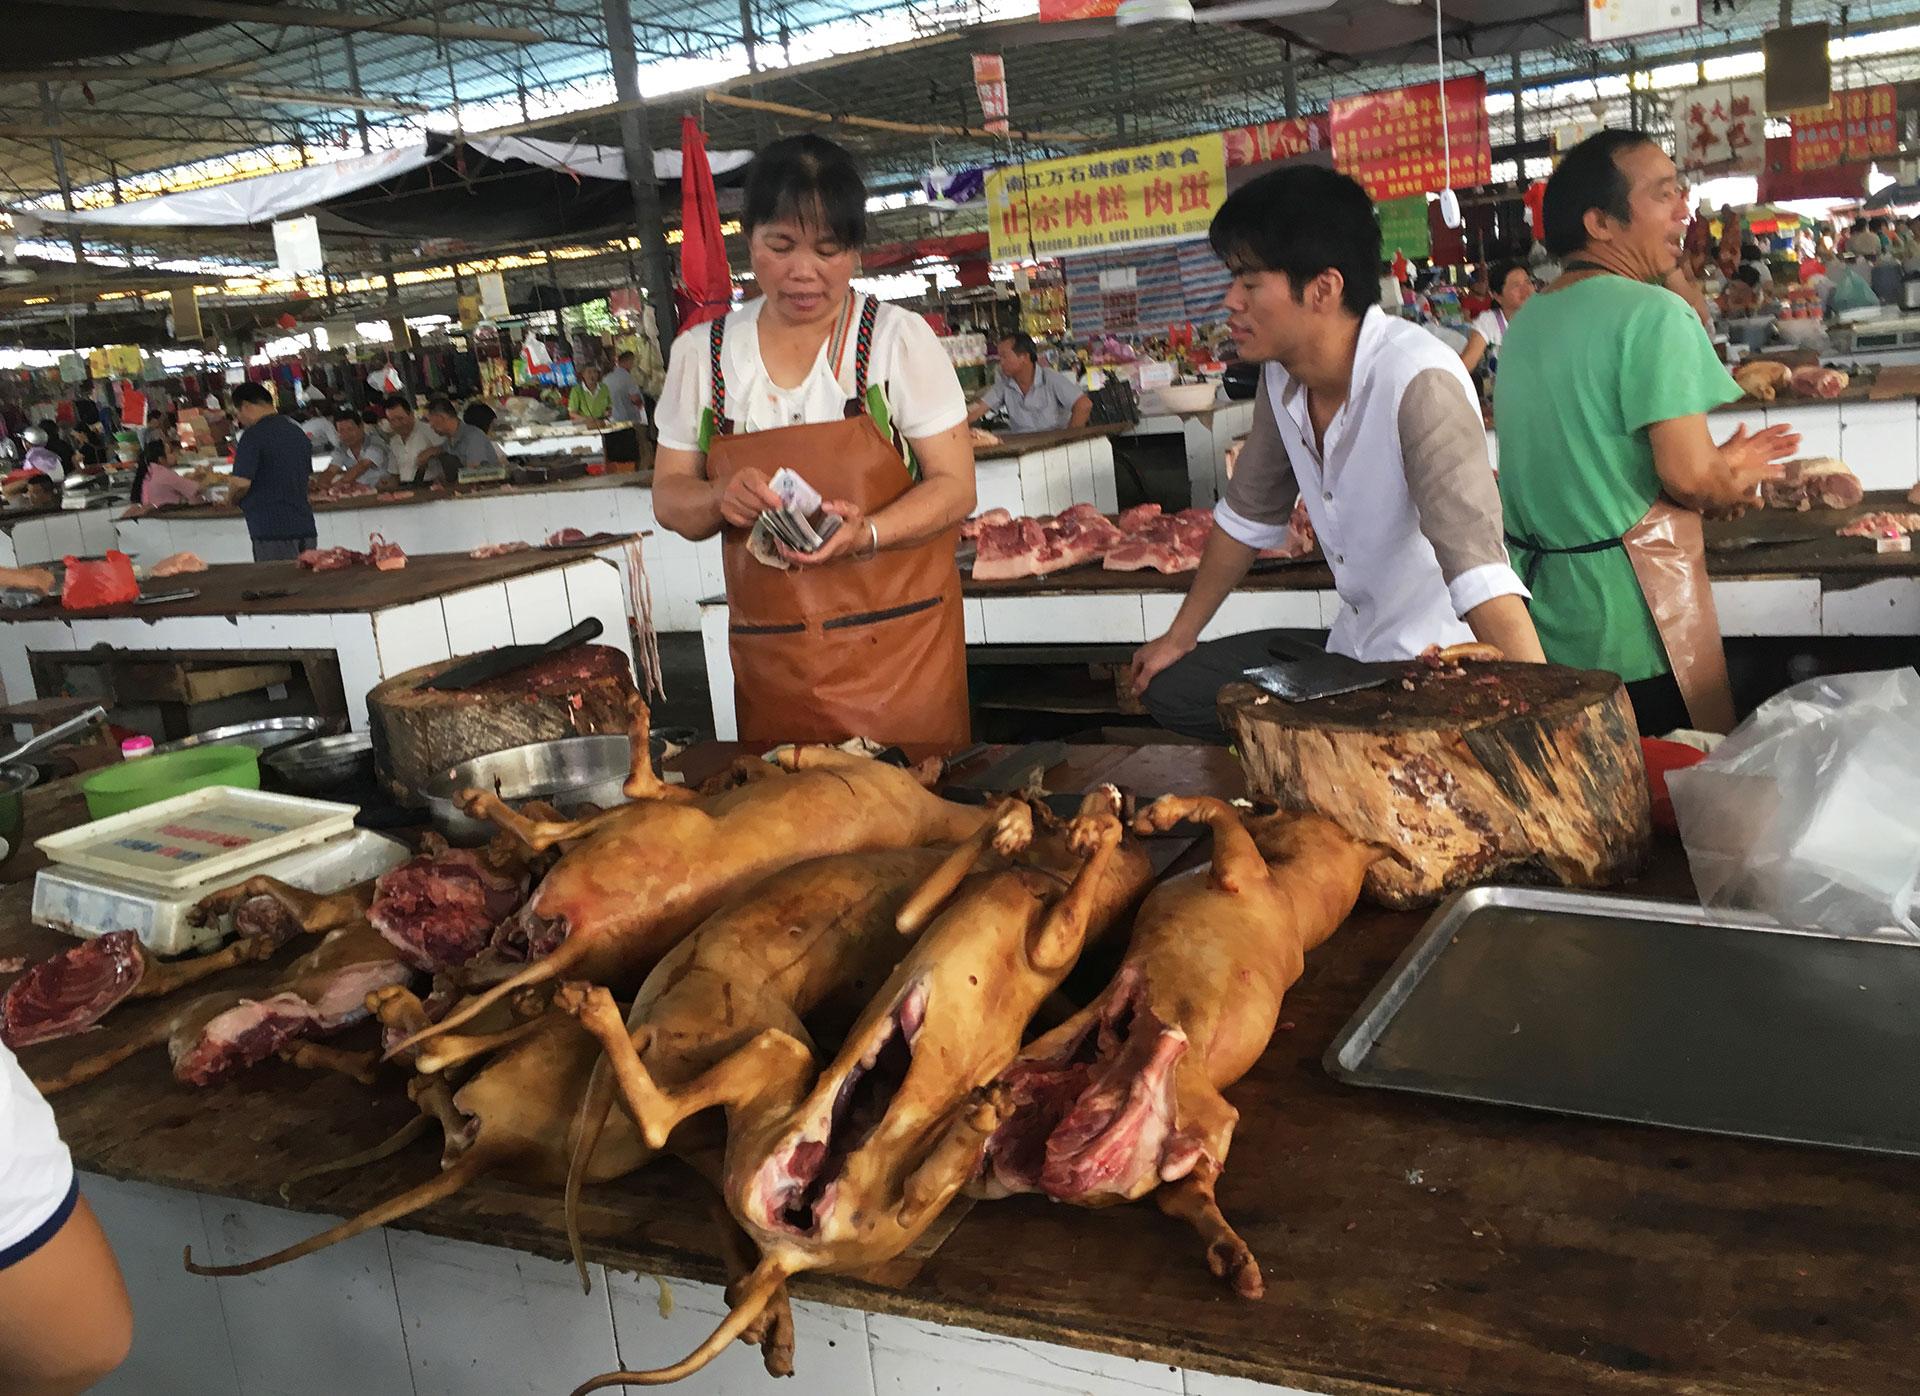 El brutal festival es acusado por el maltrato a los animales, muchos de los cuales son golpeados e incluso cocinados vivos. Una creencia popular afirma que cuanto más aterrorizado está el perro al morir, más sabrosa es su carne